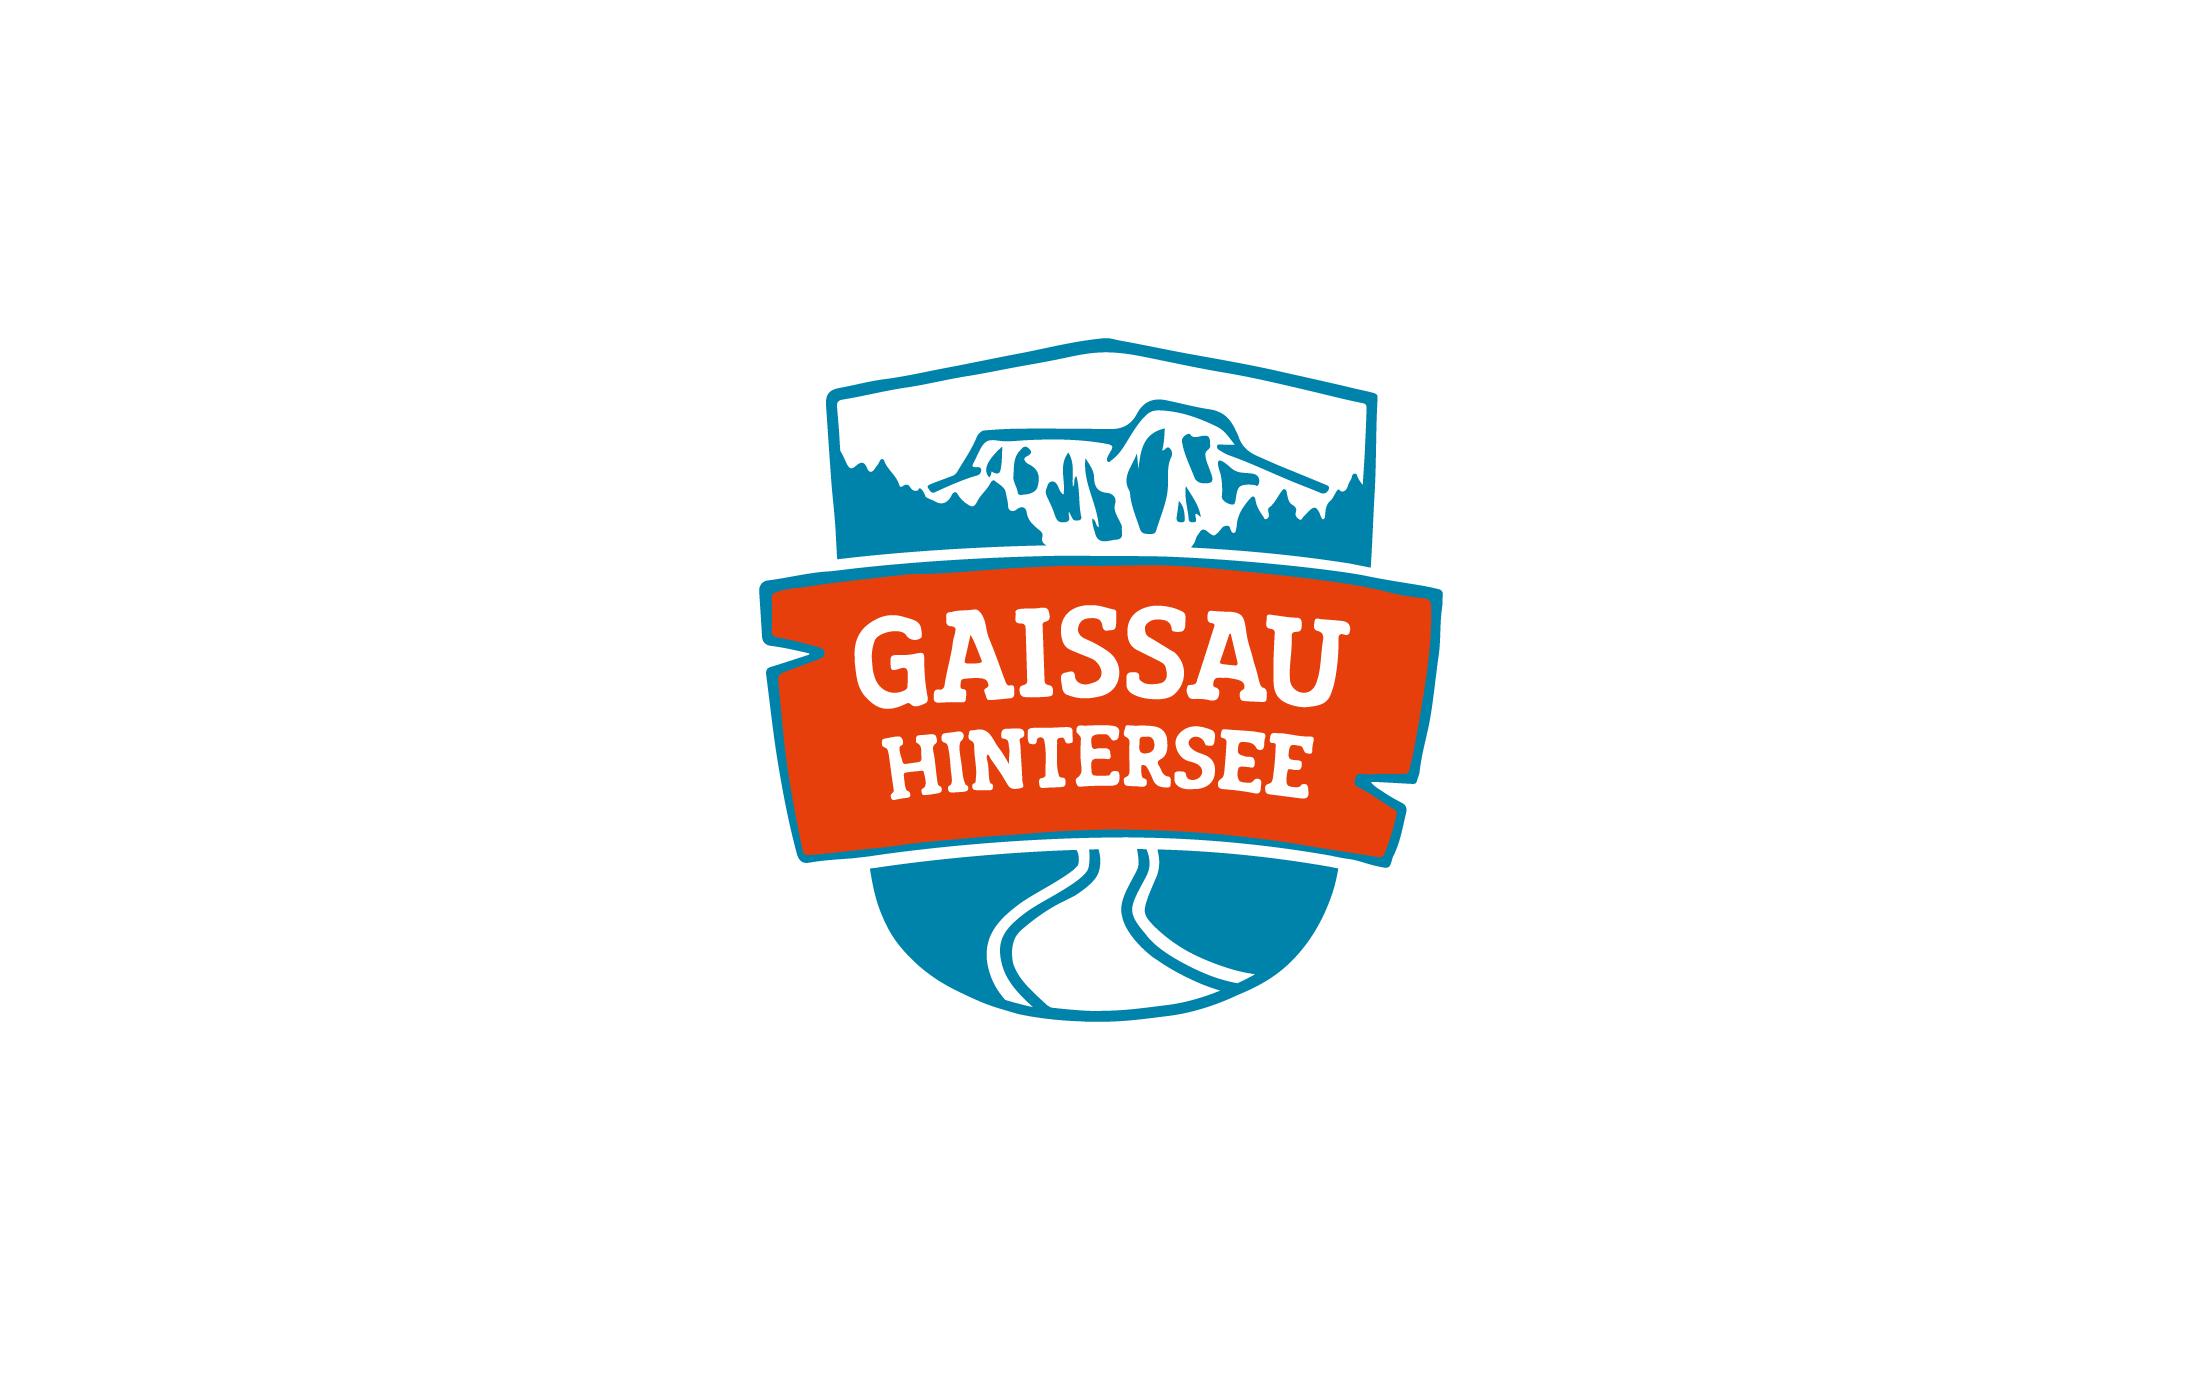 Gaissau Hintersee